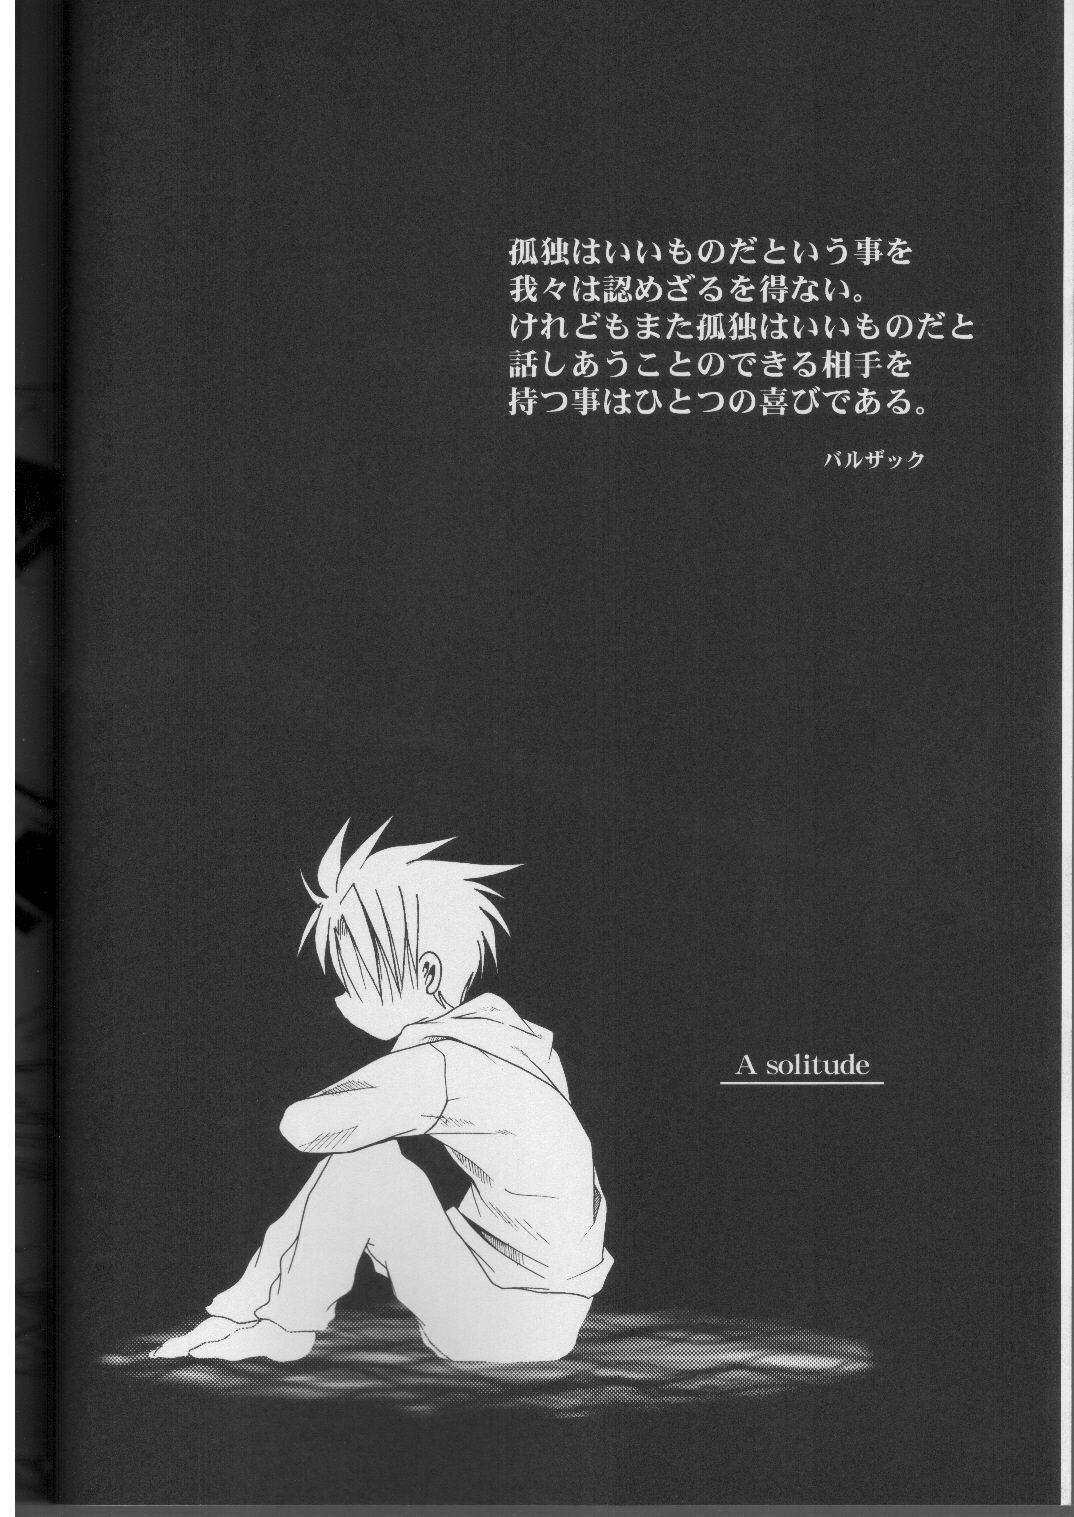 A solitude 2